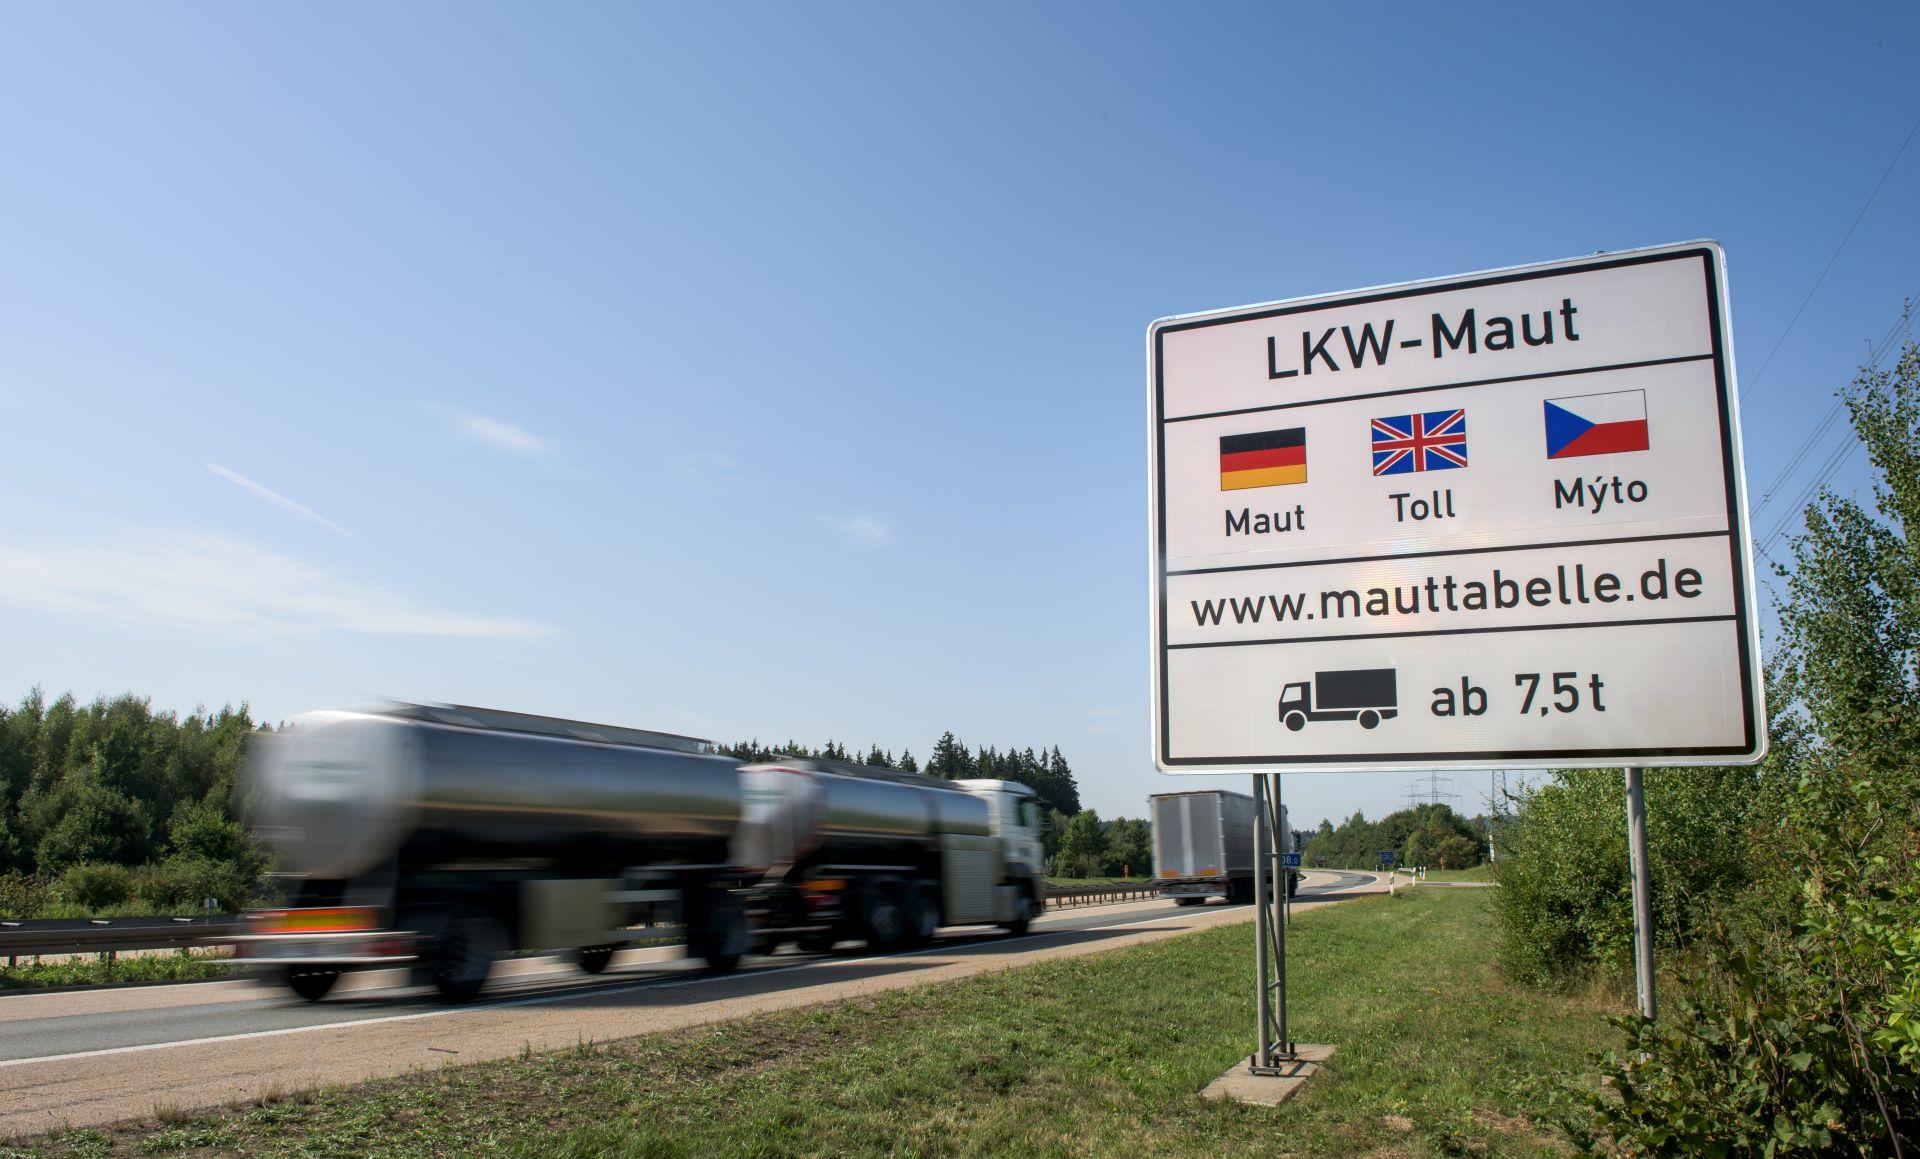 Mýto v Německu se vybírá pomocí satelitní technologie. Foto: Toll Collect